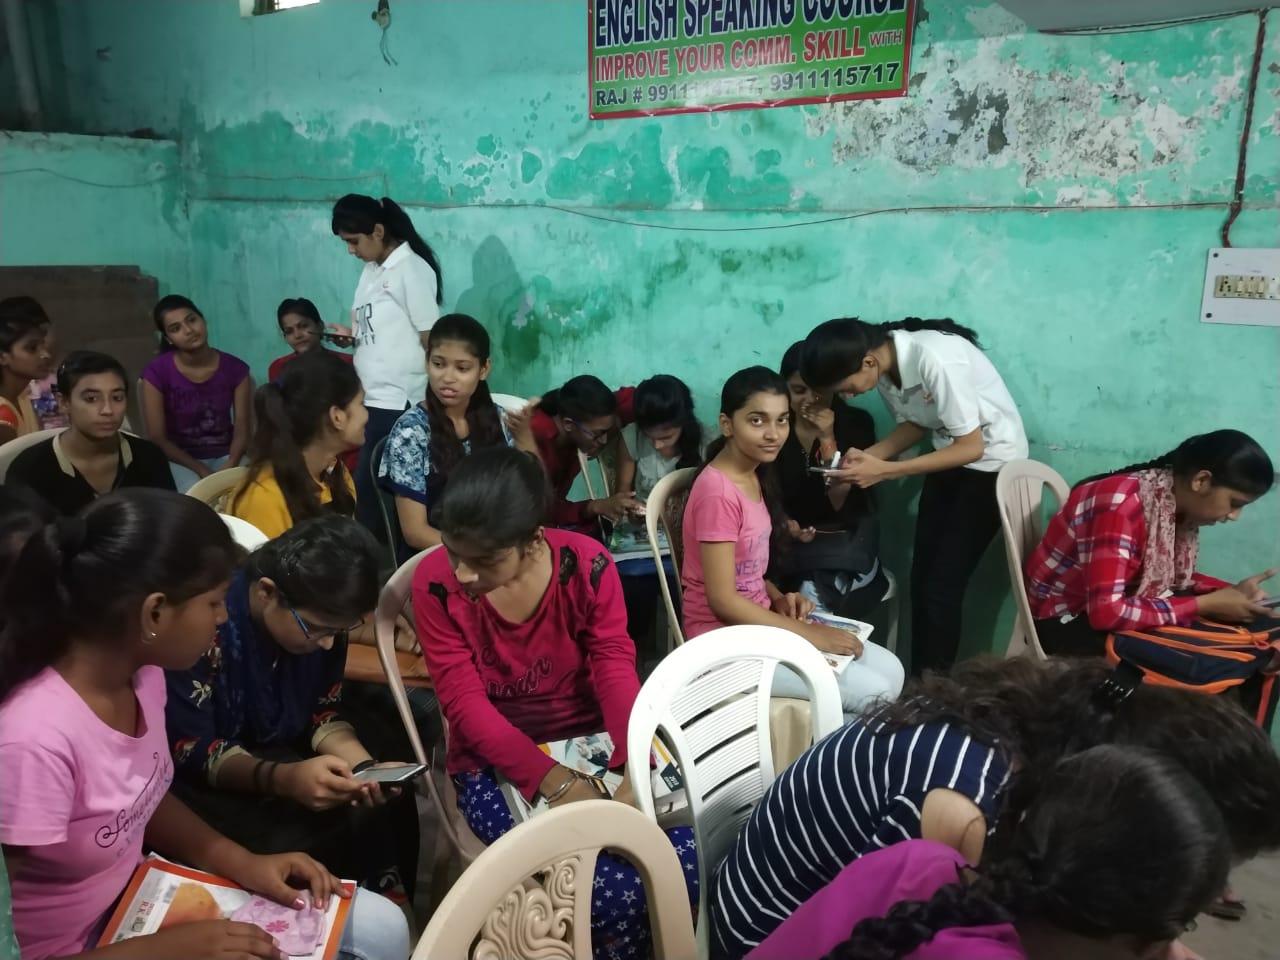 Success Coaching Meethapur Faridabad.jpeg